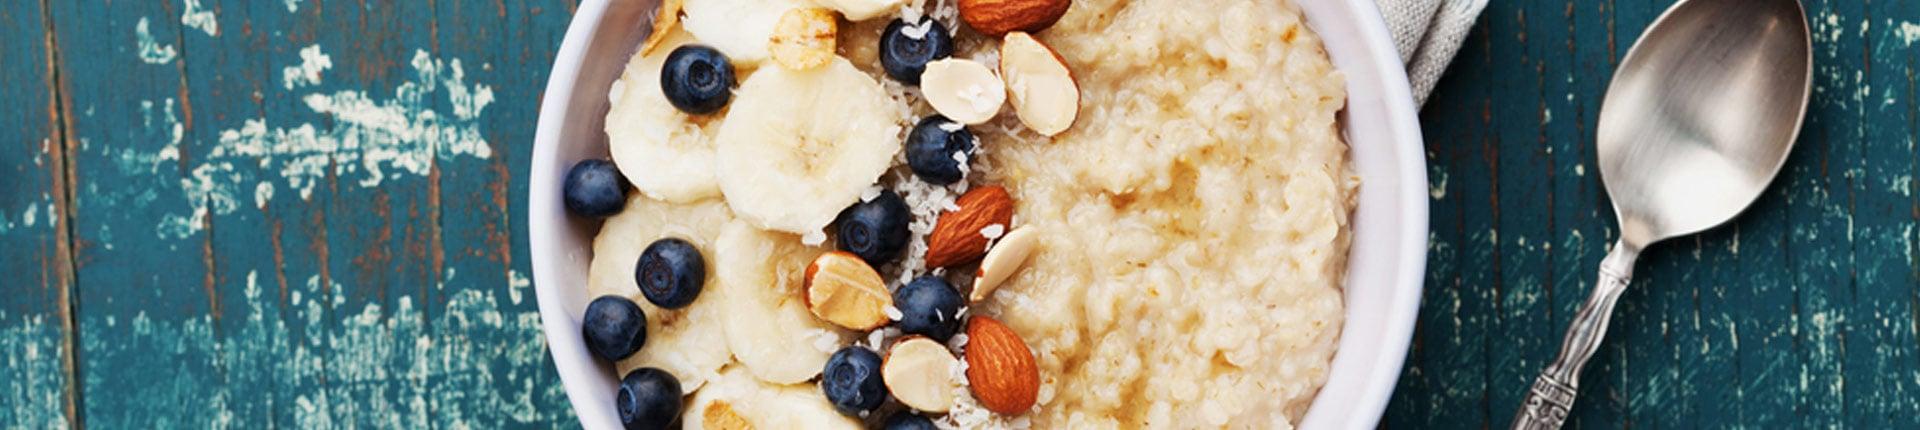 Co jeść na poprawę odporności? Płatki owsiane chronią przed wirusami!